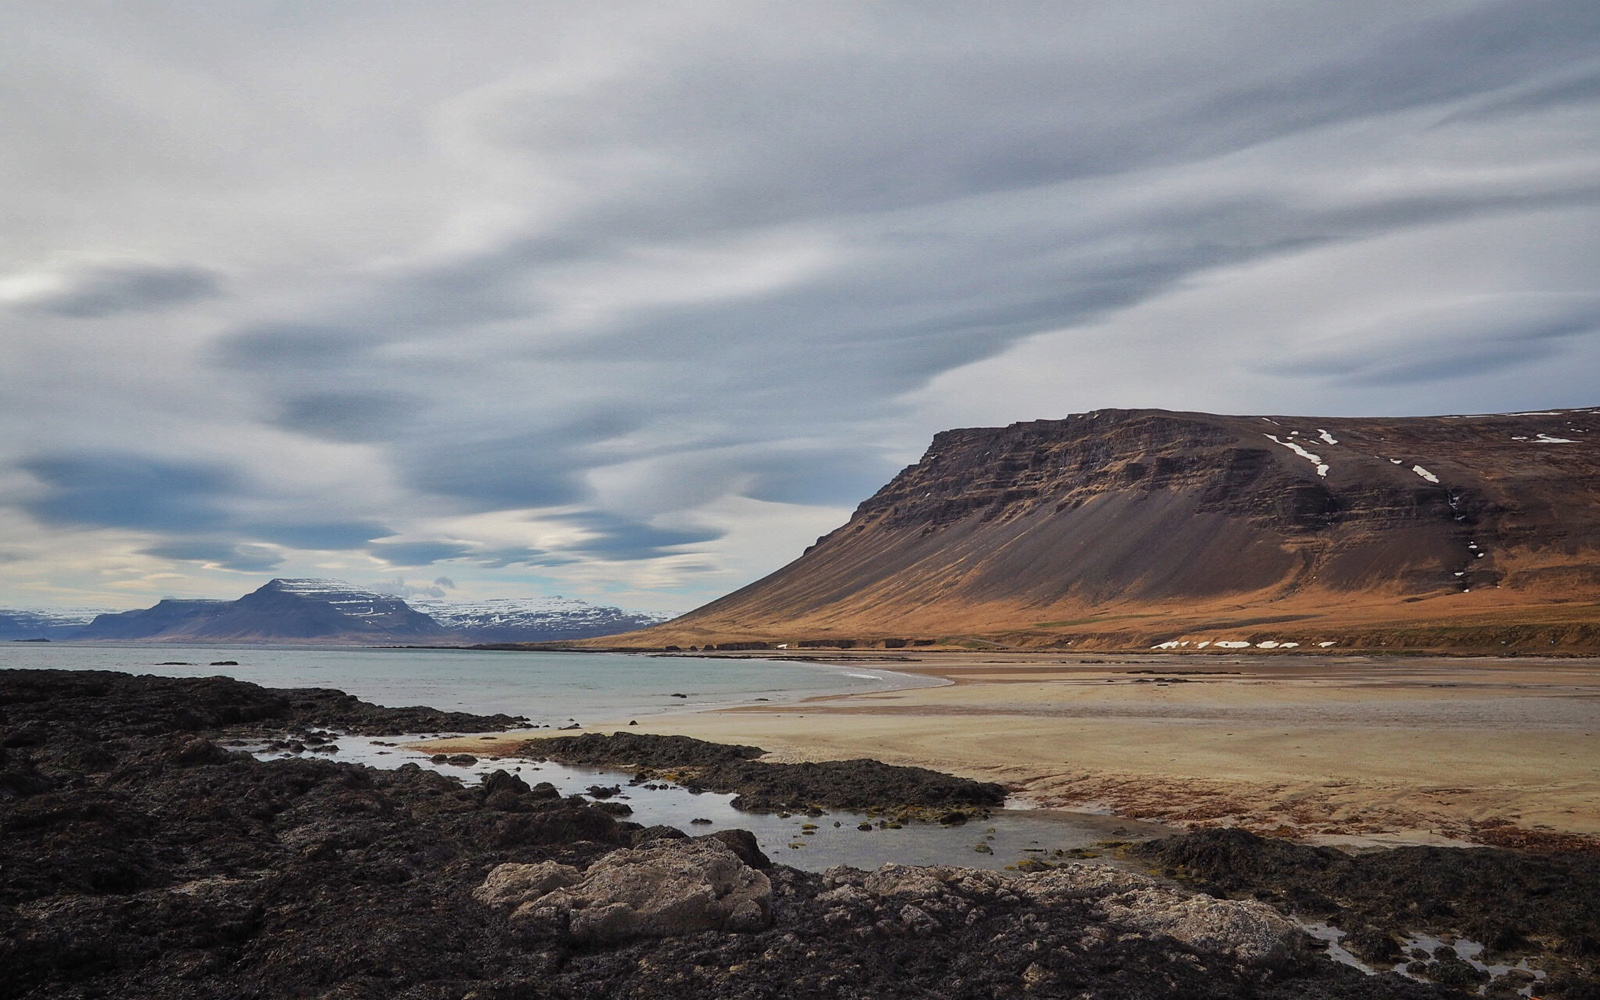 TMJ-landscape-images1.JPG